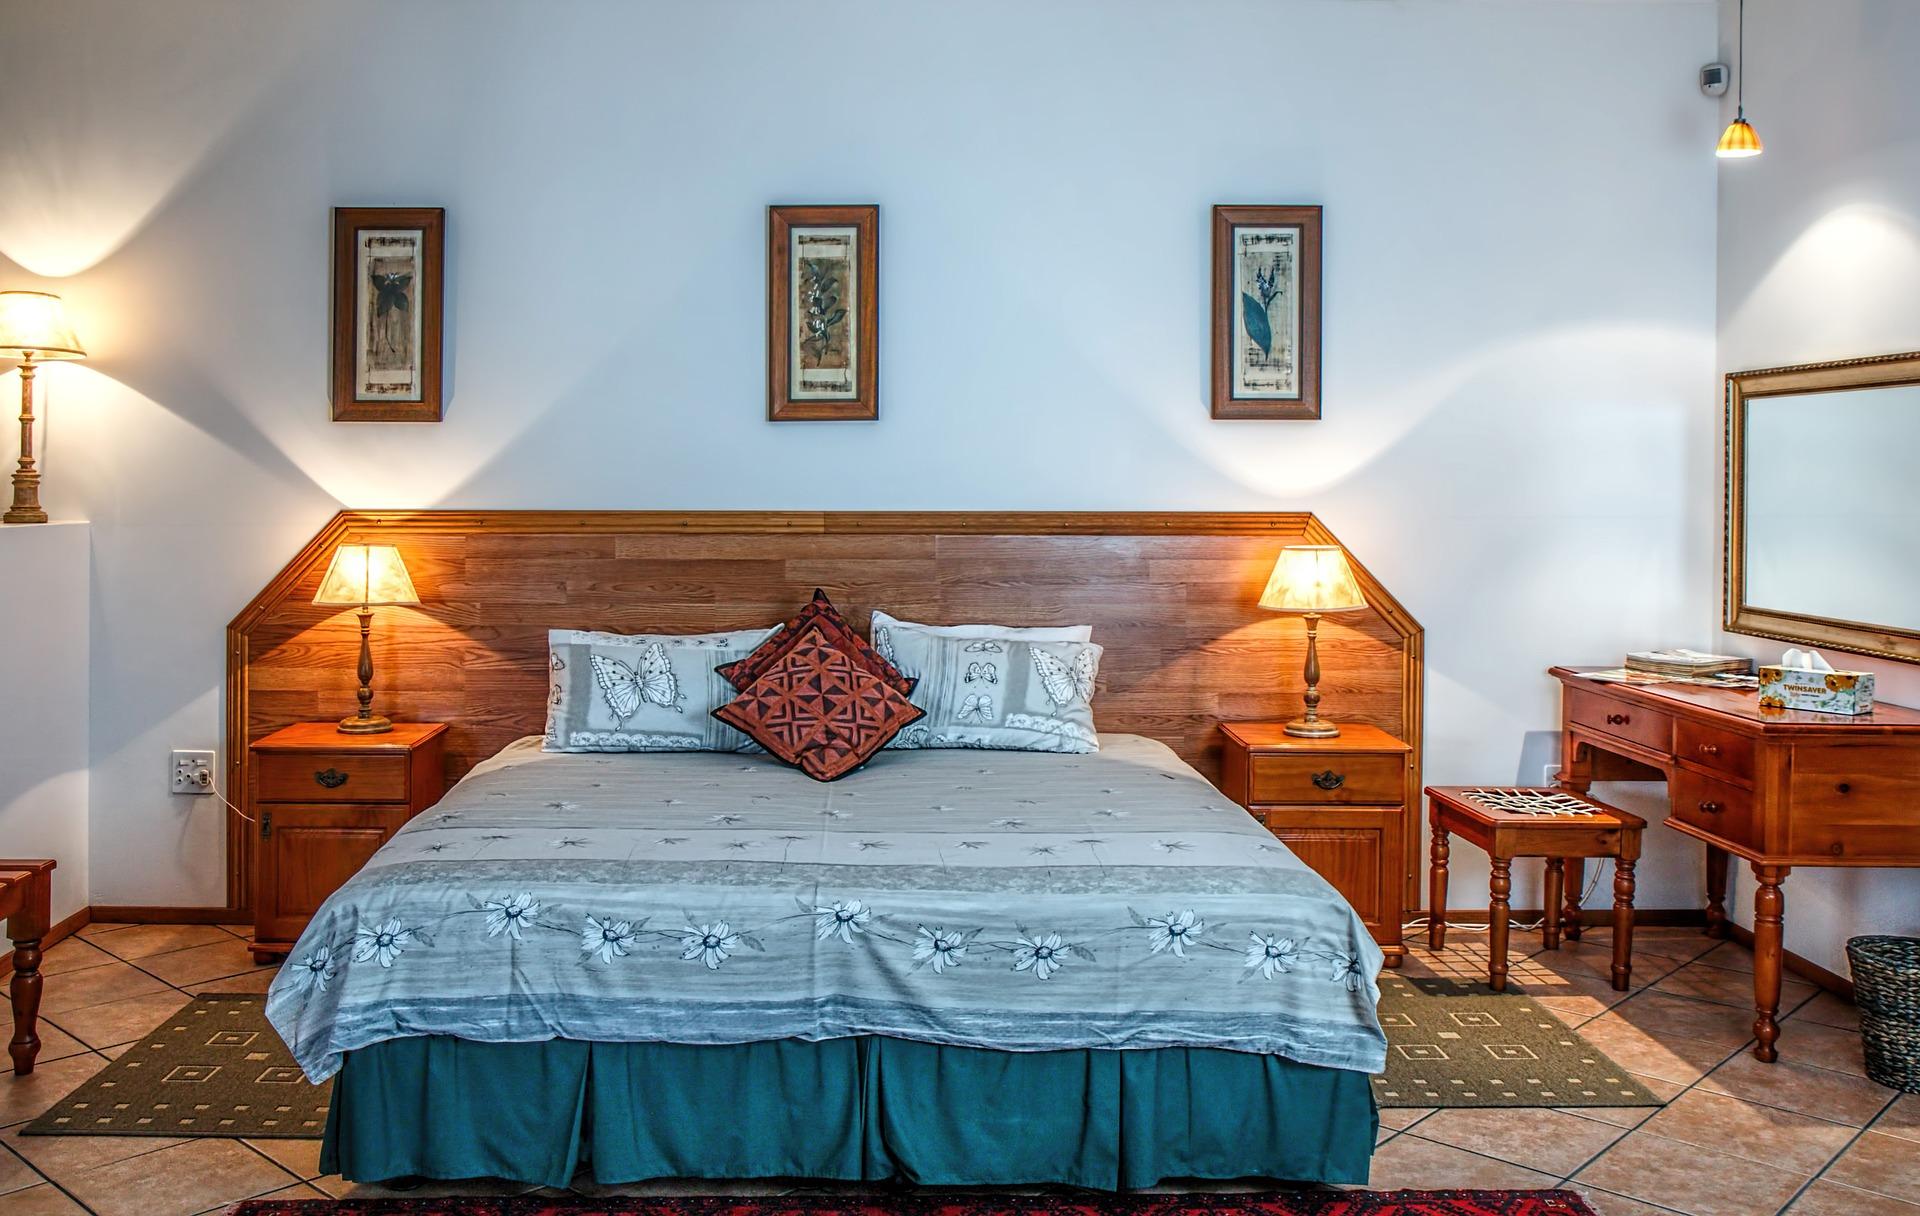 איך מקבלים חדרים בשיטת חדרים לפי שעה?